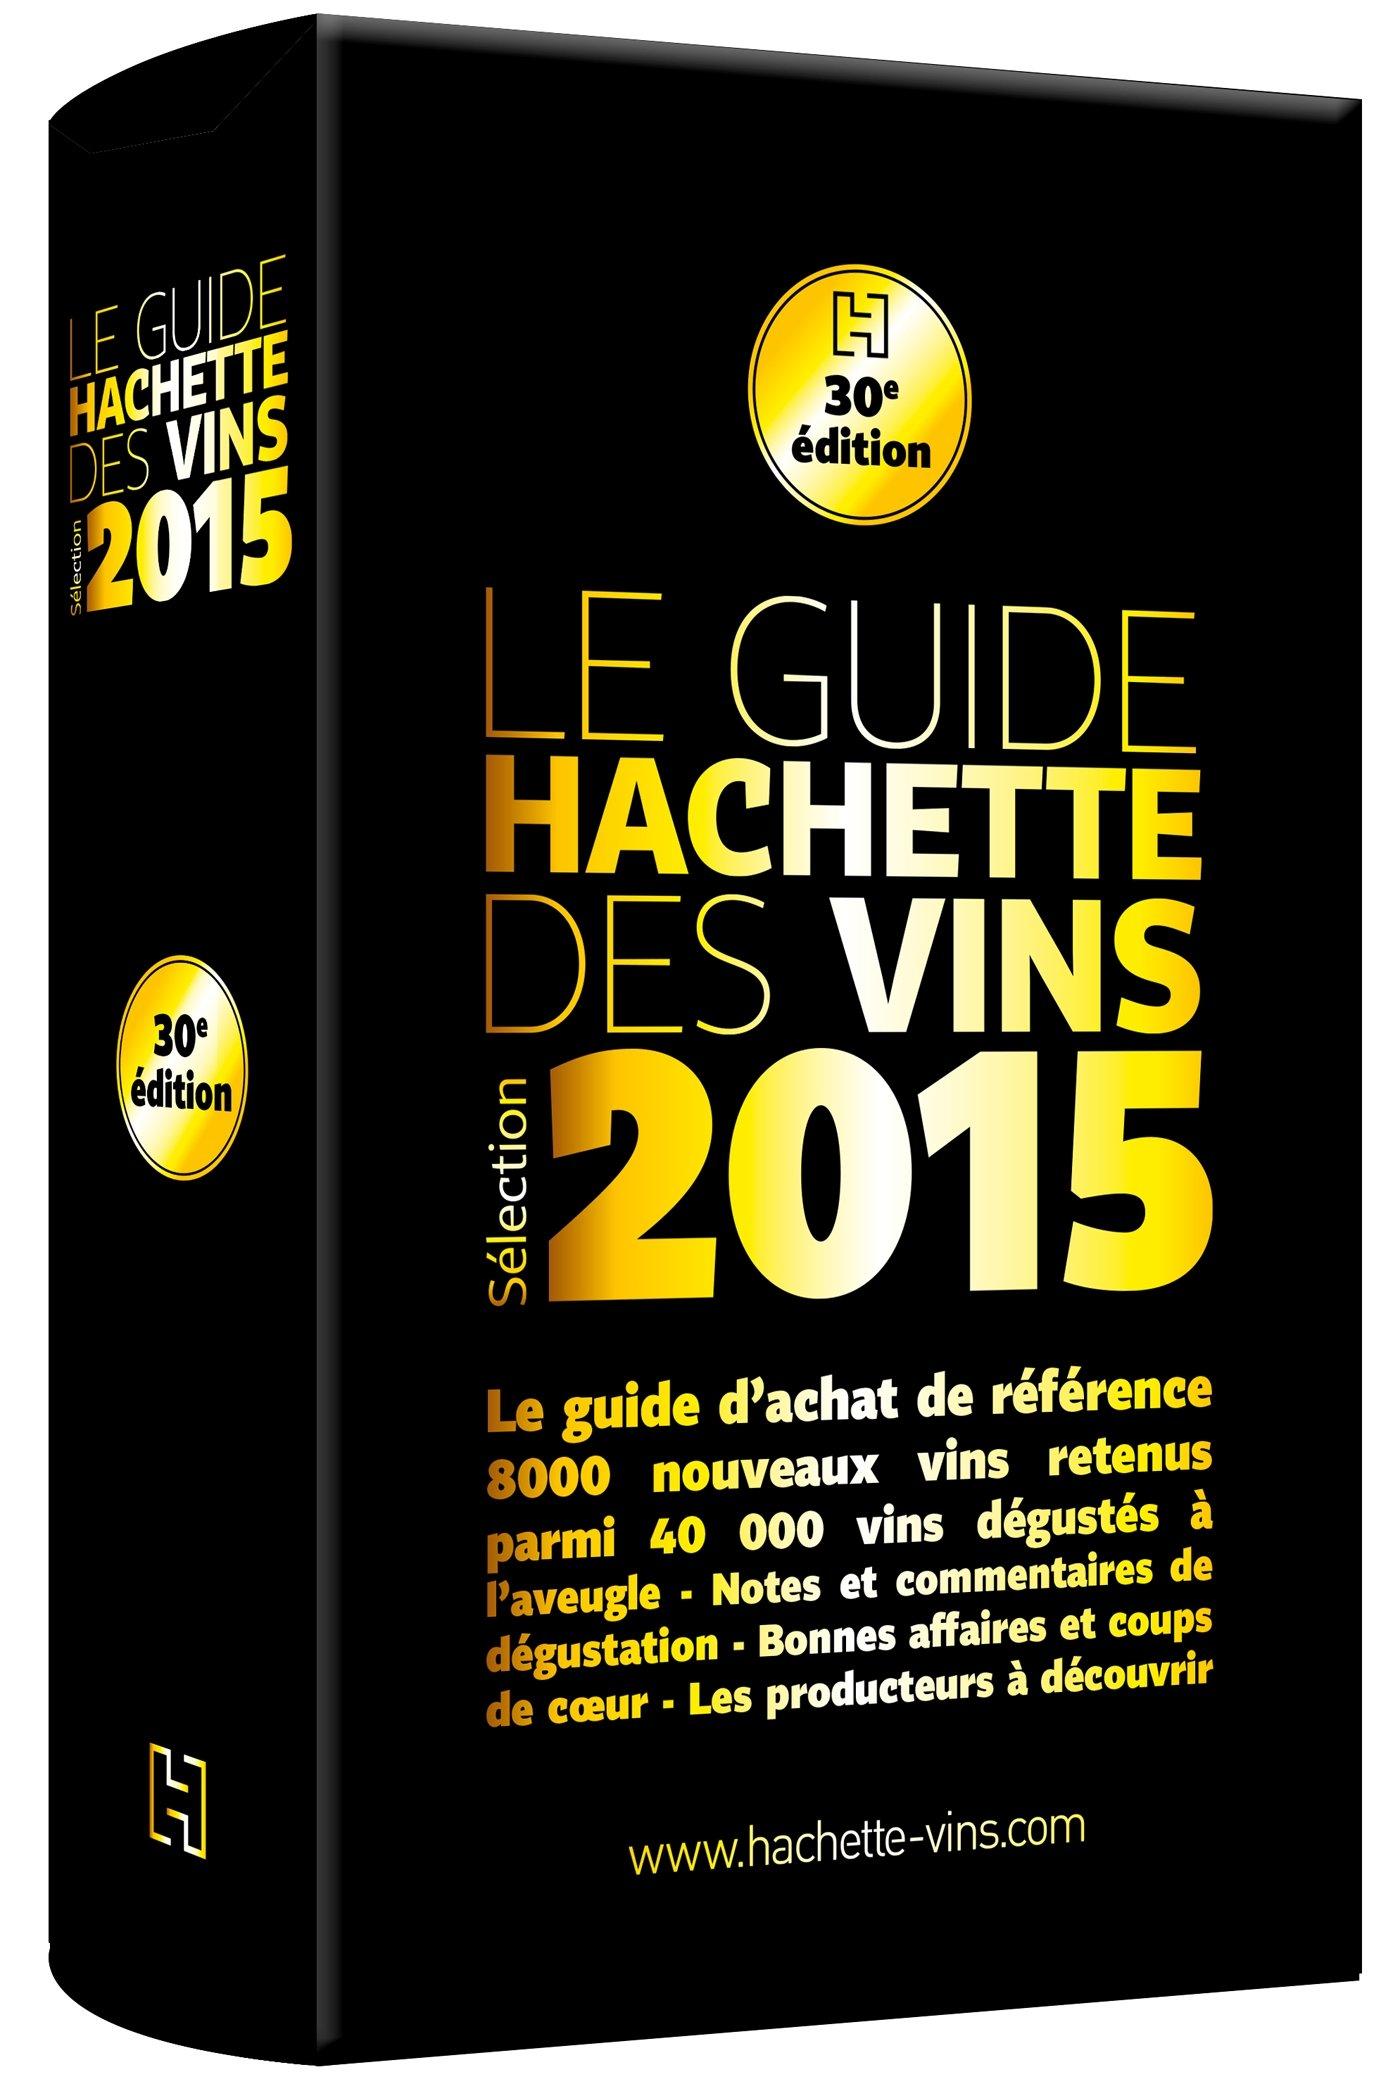 Le guide Hachette des vins 2015